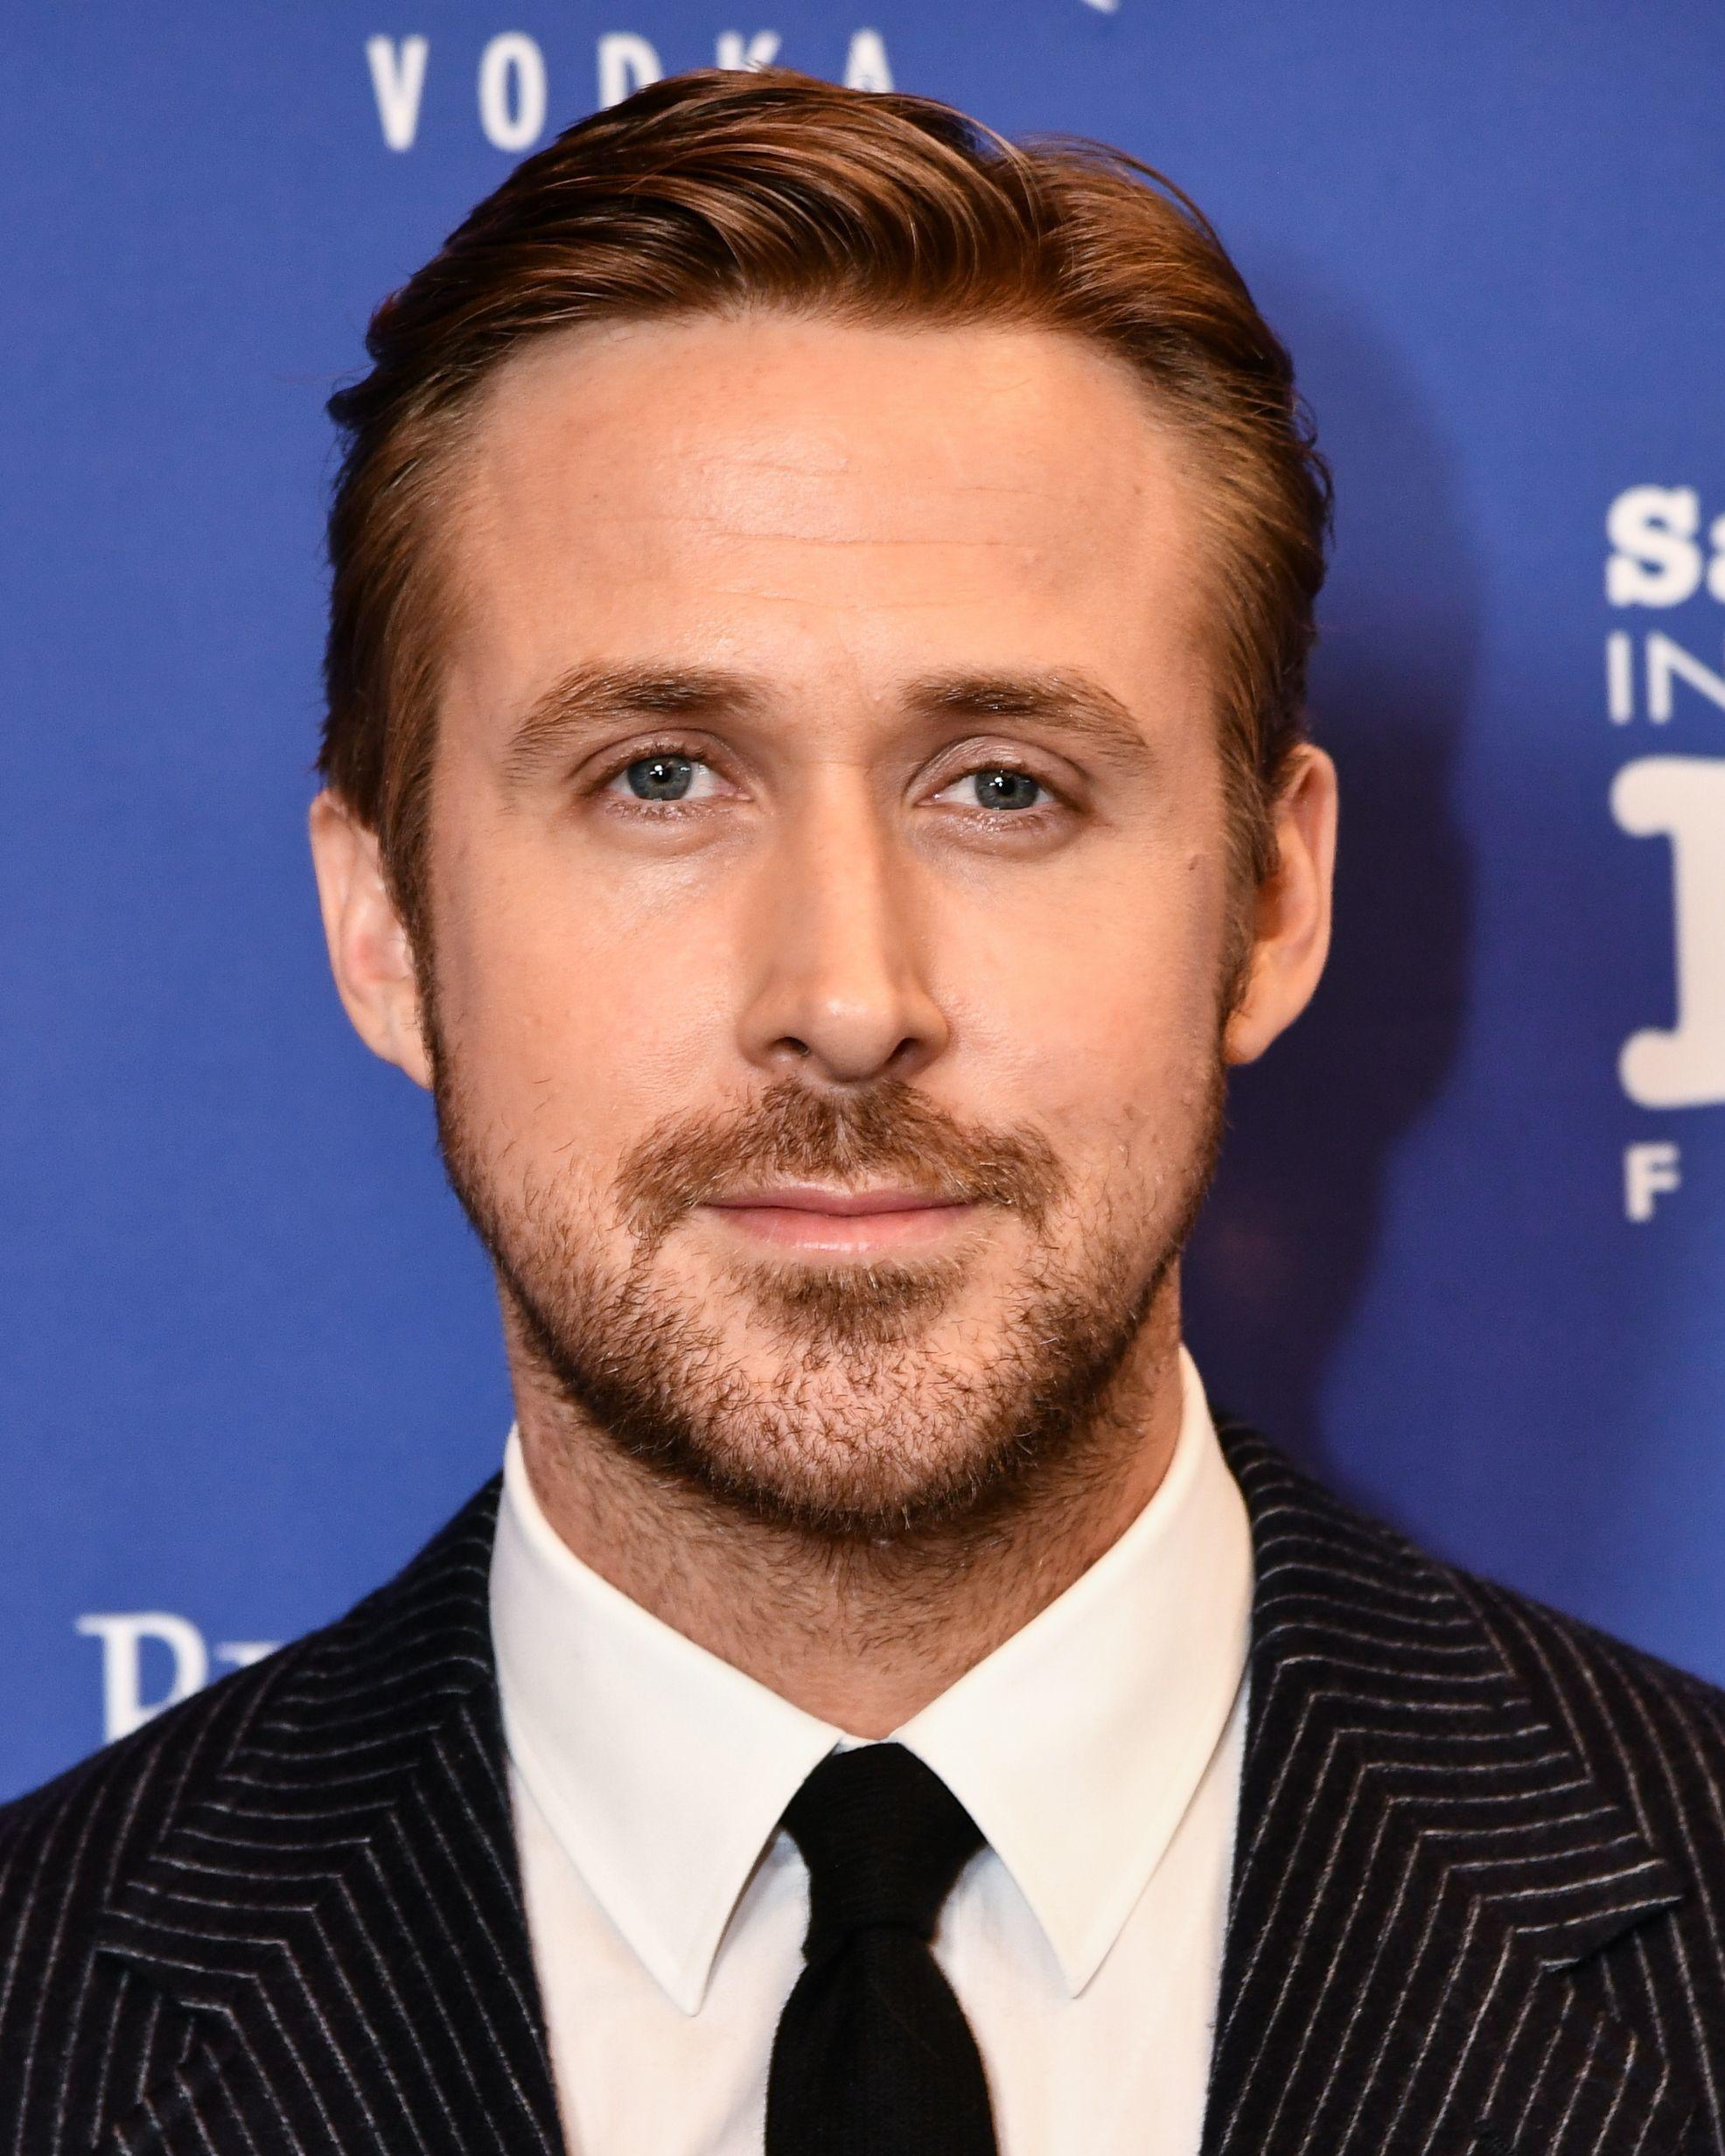 Coupe de cheveux de Ryan Gosling : Ryan Gosling avec une coupe de cheveux Ivy League, portant un costume